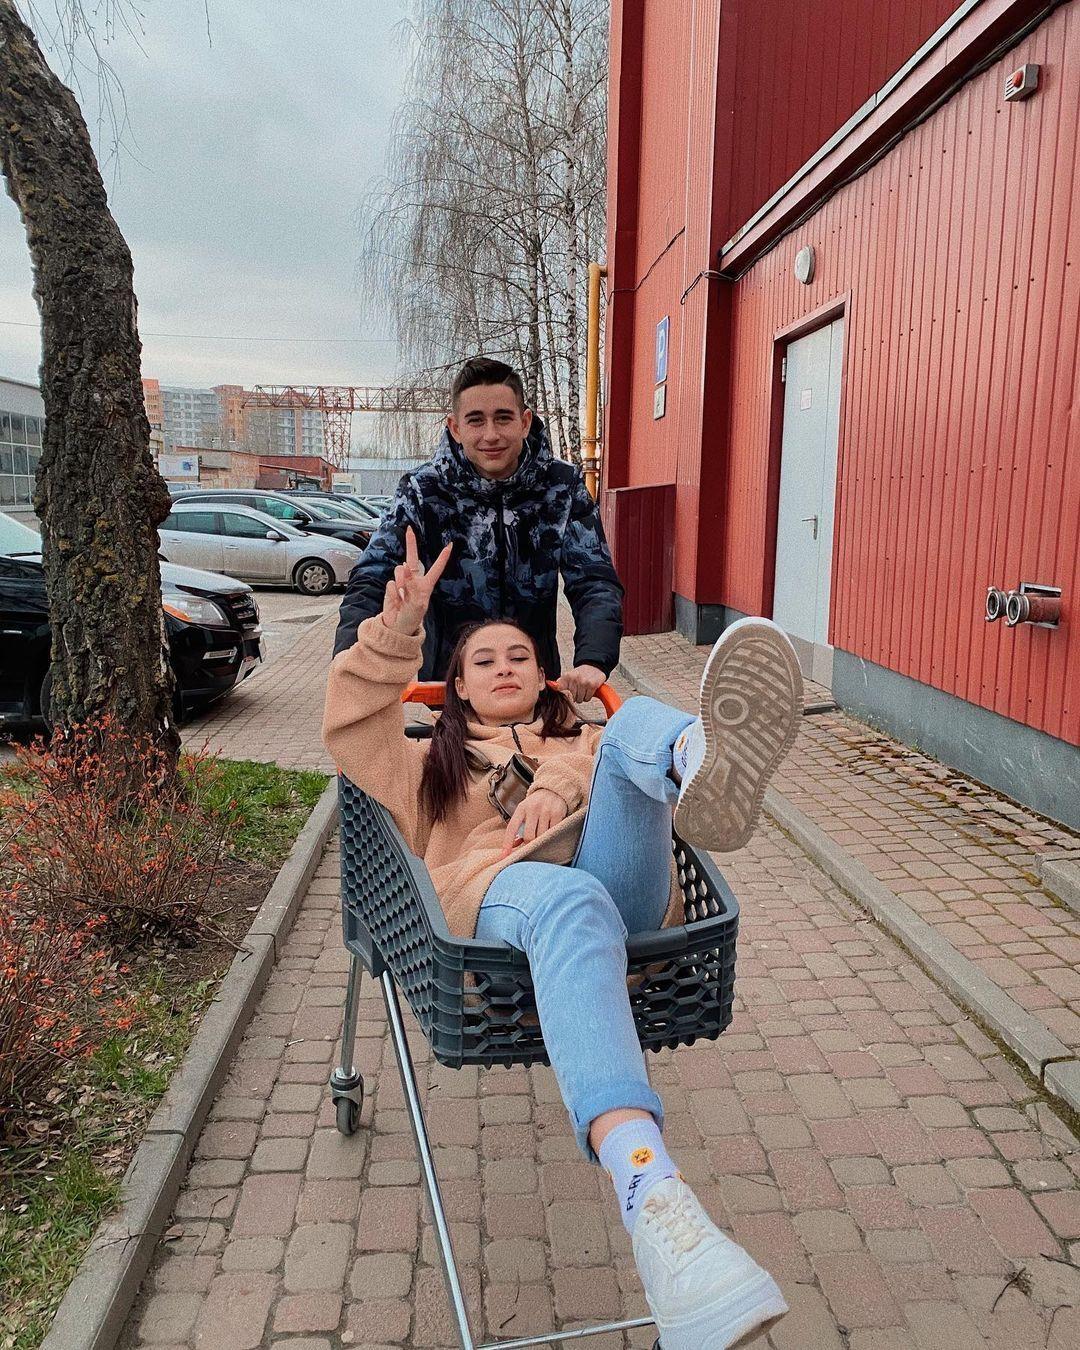 Роман Сасанчин вместе со своей возлюбленной Анной